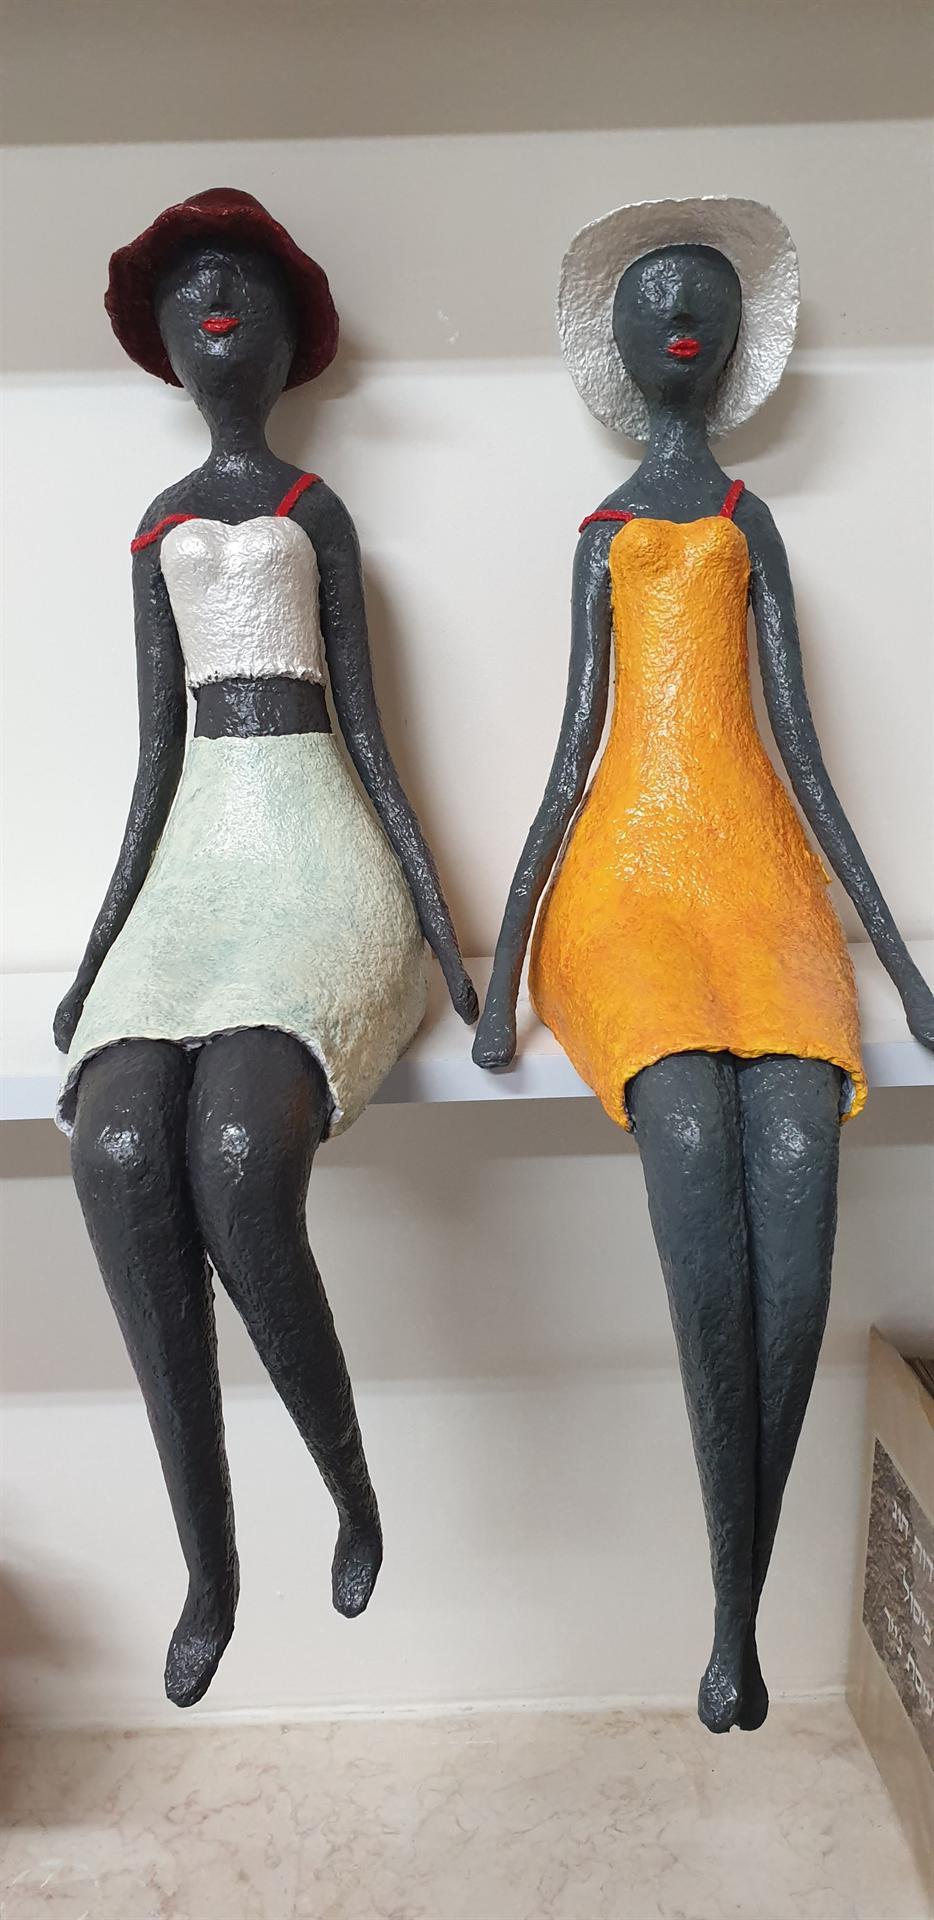 פסל זוג נערות בשמלות כתפיות של כוכבה